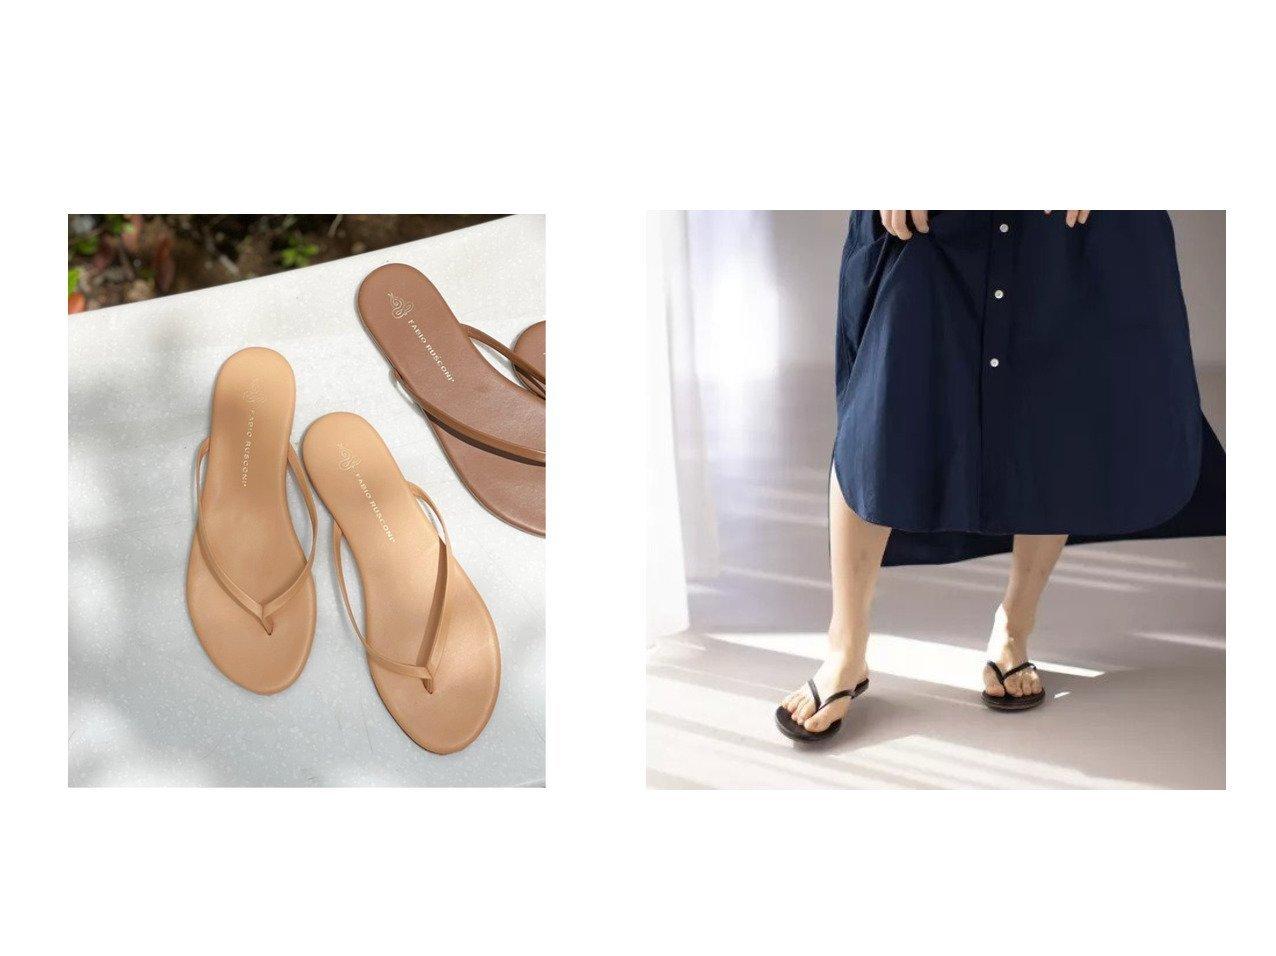 【qualite/カリテ】の【tkees】LINERS トングサンダル&【Spick & Span/スピック&スパン】の【FABIO RUSCONI】トングサンダル 【シューズ・靴】おすすめ!人気、トレンド・レディースファッションの通販 おすすめで人気の流行・トレンド、ファッションの通販商品 インテリア・家具・メンズファッション・キッズファッション・レディースファッション・服の通販 founy(ファニー) https://founy.com/ ファッション Fashion レディースファッション WOMEN 2021年 2021 2021春夏・S/S SS/Spring/Summer/2021 S/S・春夏 SS・Spring/Summer おすすめ Recommend イタリア エレガント サンダル シューズ シンプル 再入荷 Restock/Back in Stock/Re Arrival 夏 Summer 春 Spring コレクション ビーチ ラグジュアリー ラップ リゾート リラックス |ID:crp329100000049950